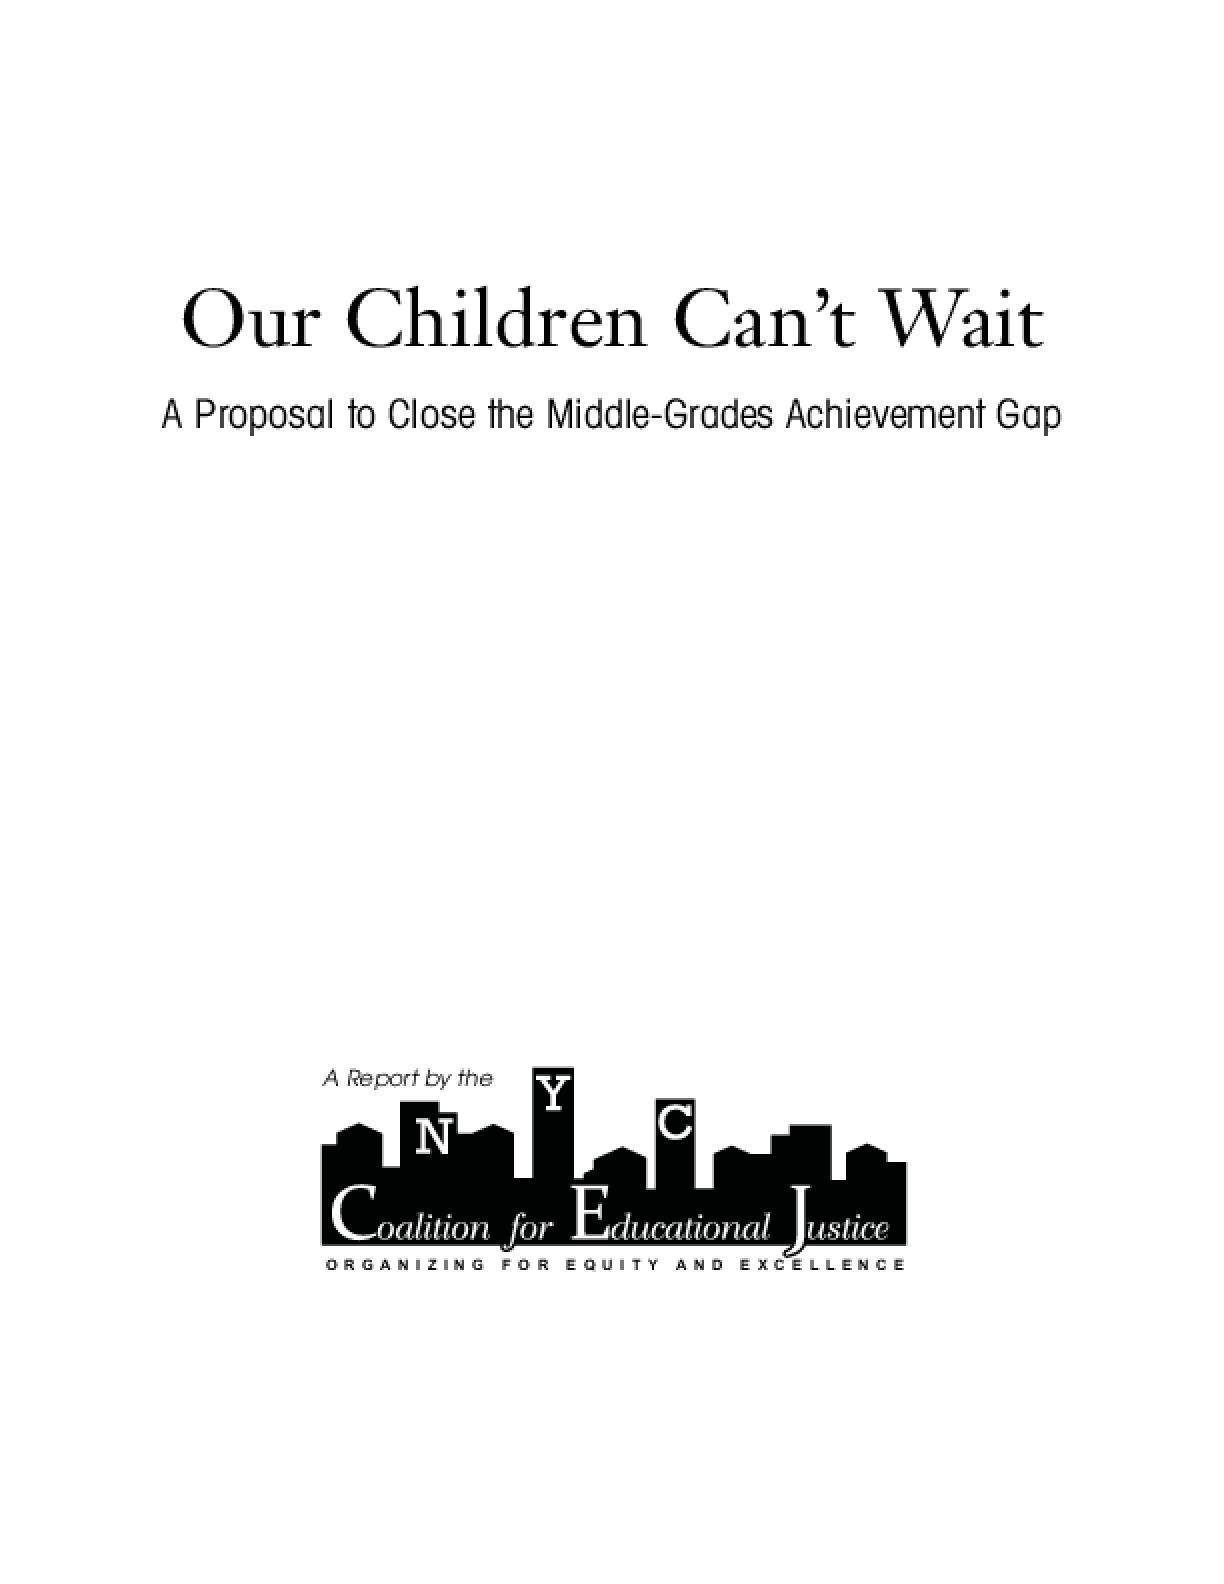 Our Children Can't Wait: A Proposal to Close the Middle-Grades Achievement Gap